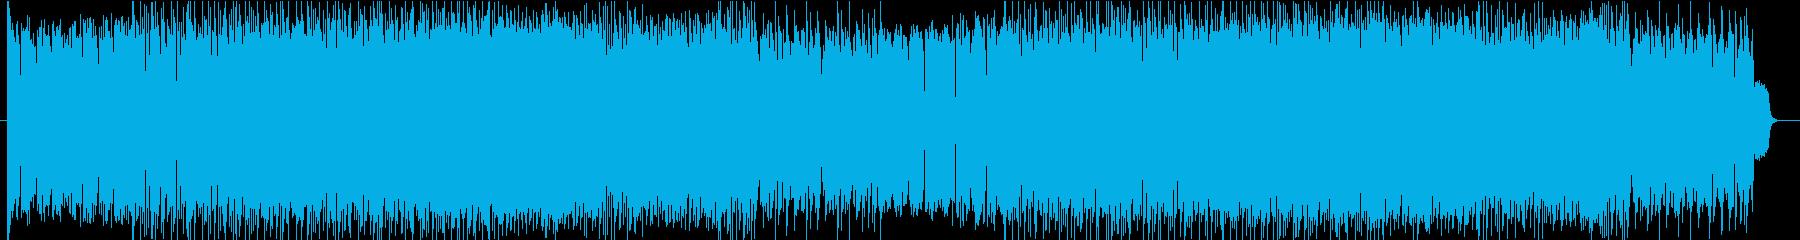 アクションゲーム等BGM(戦闘曲4)の再生済みの波形